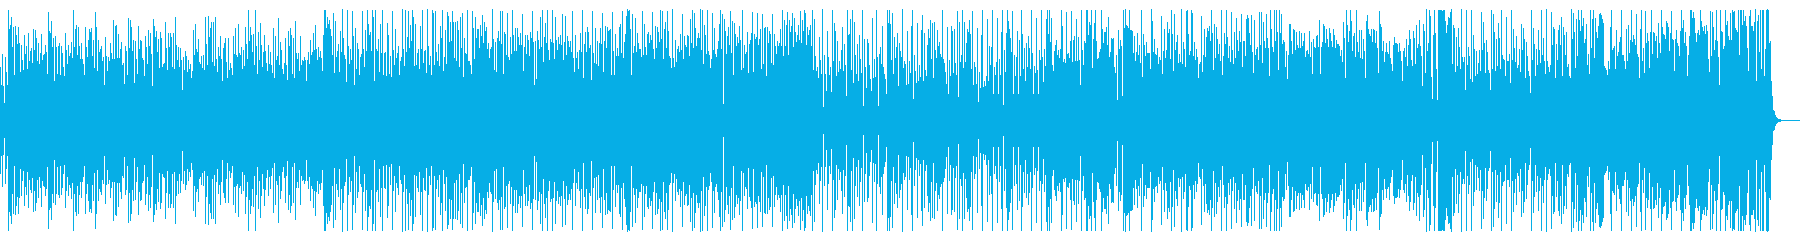 クールで疾走感のあるジャズ【スパイ映画】の再生済みの波形